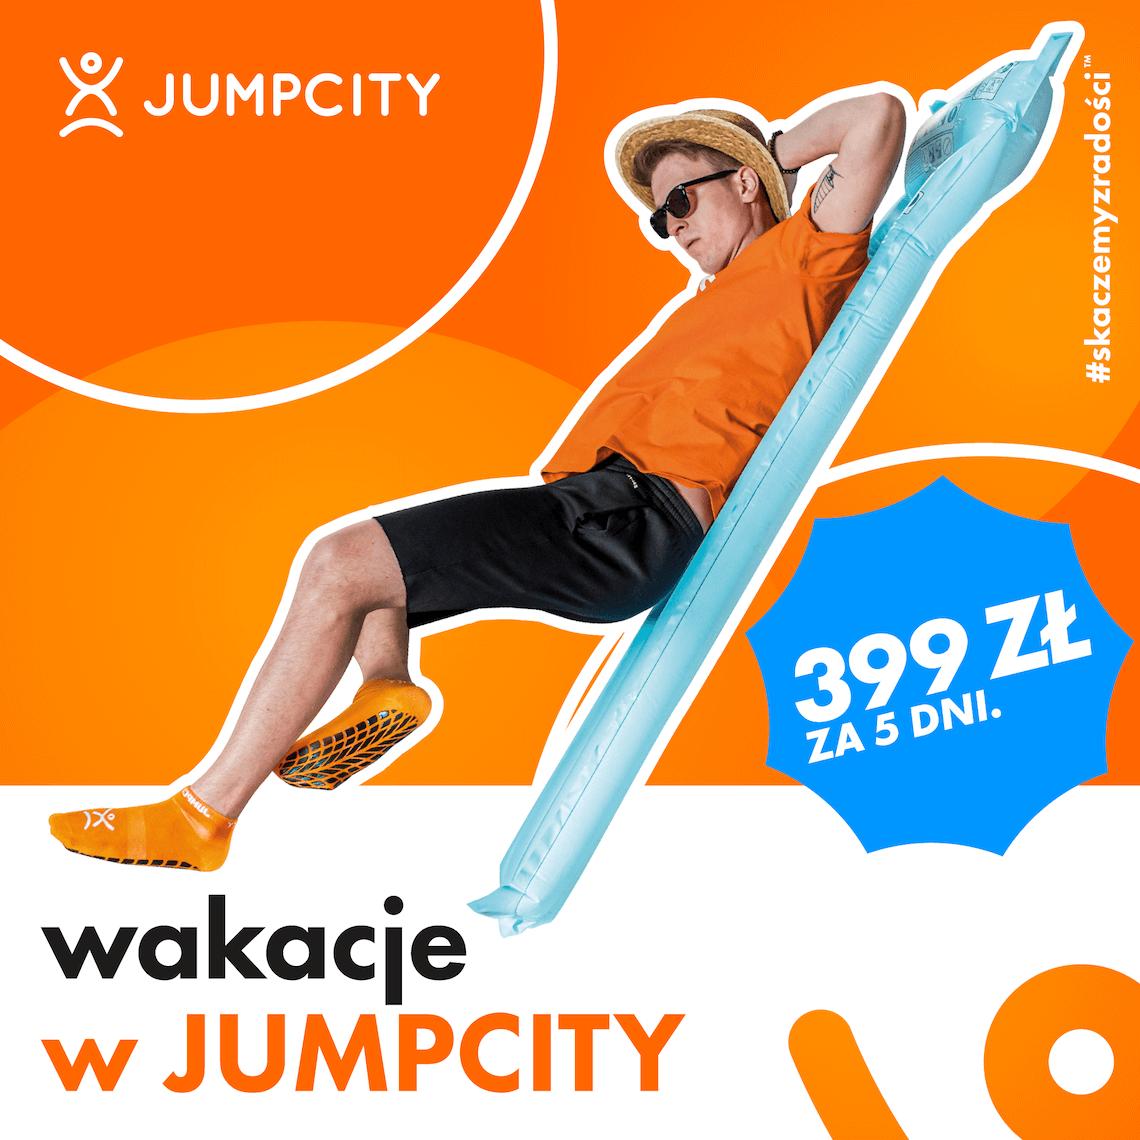 Baner reklamowy Jumpcity informujący, że w wakacje w JumpCity tylko 399zł za 5 dni.